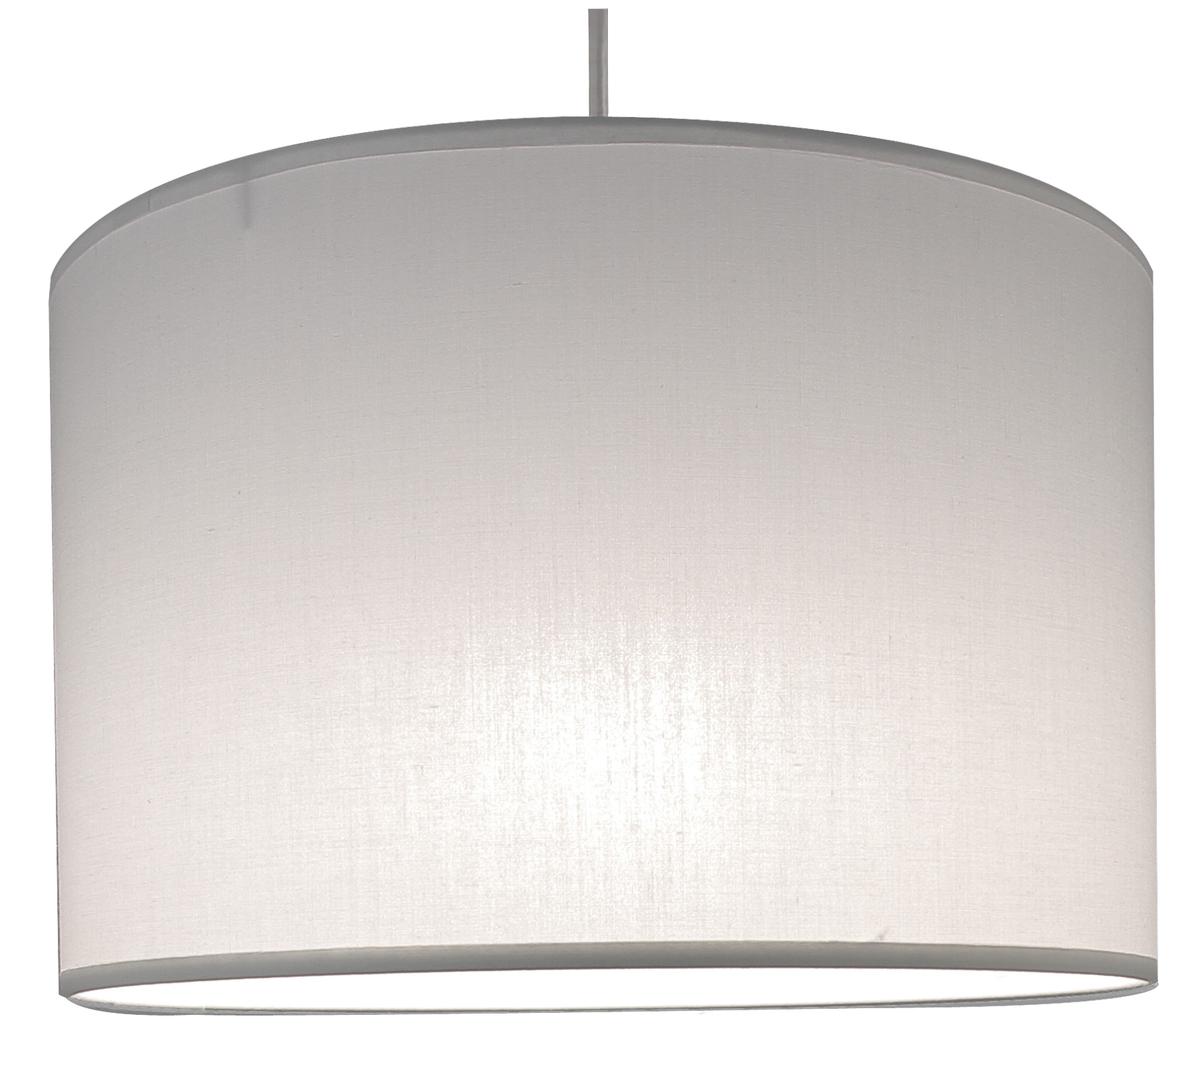 Suspension cylindre blanche transparent éclairée